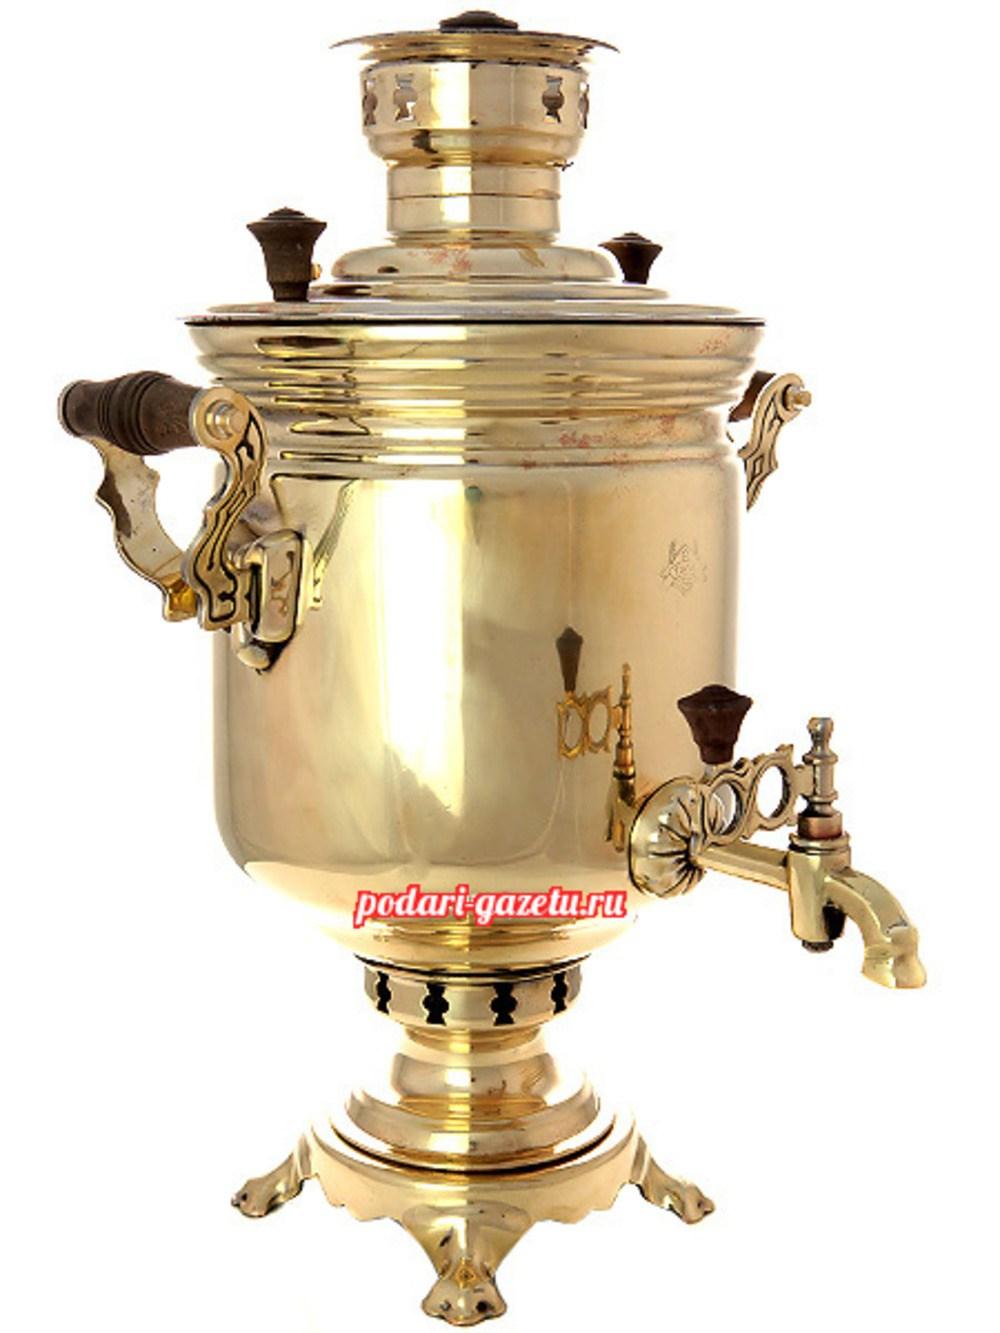 Угольный самовар (жаровый, дровяной) (5 литров), желтый цилиндр